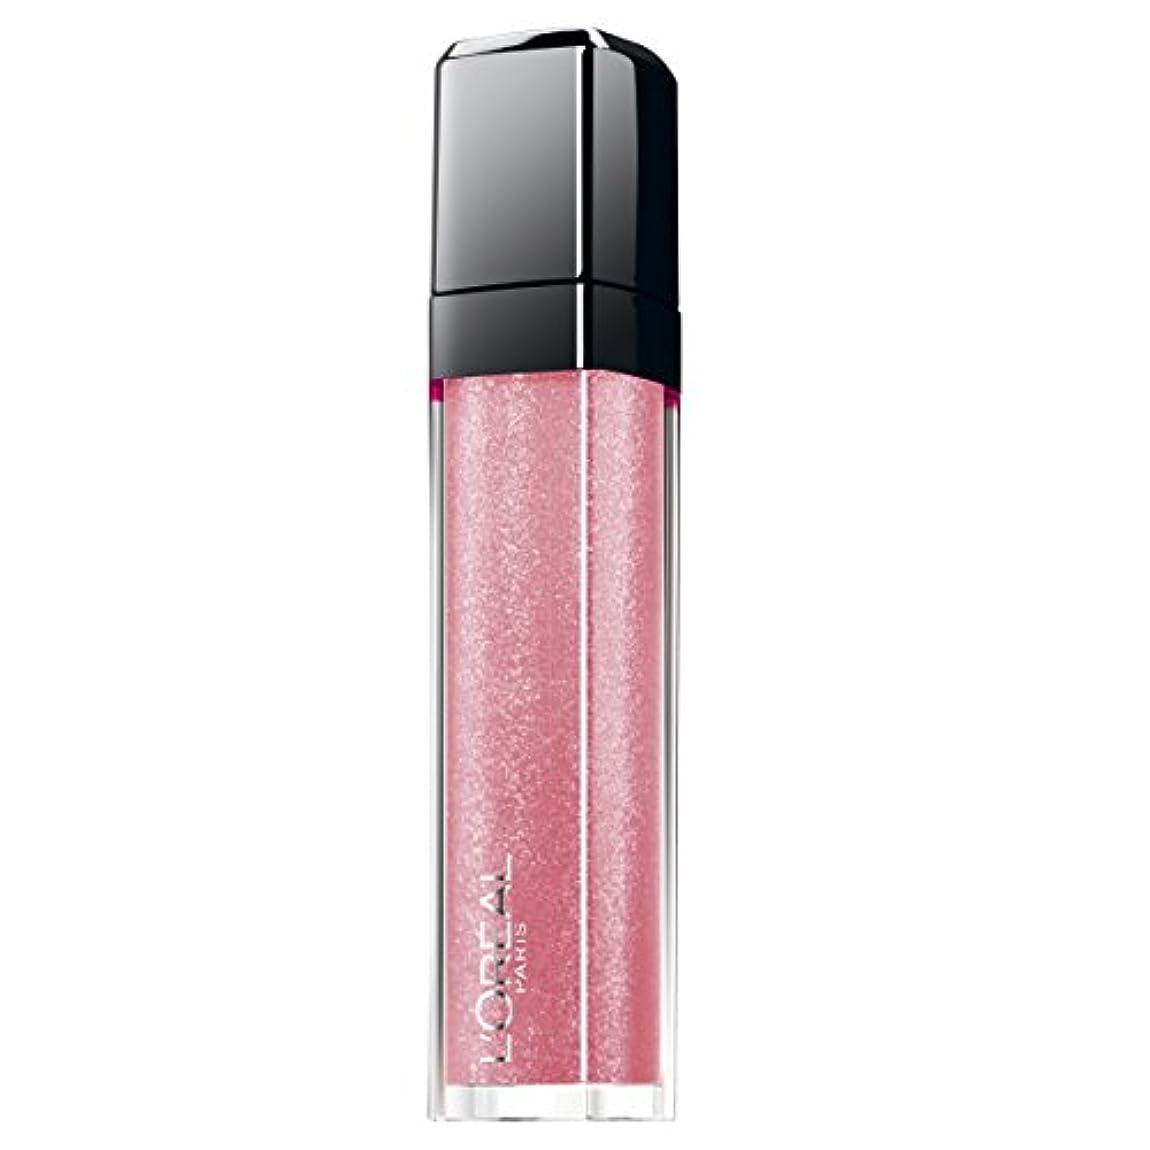 検閲機転便益(505 Never Let Me Go) - L'Oreal Paris Infallible Lip Gloss 505 Never Let Me Go